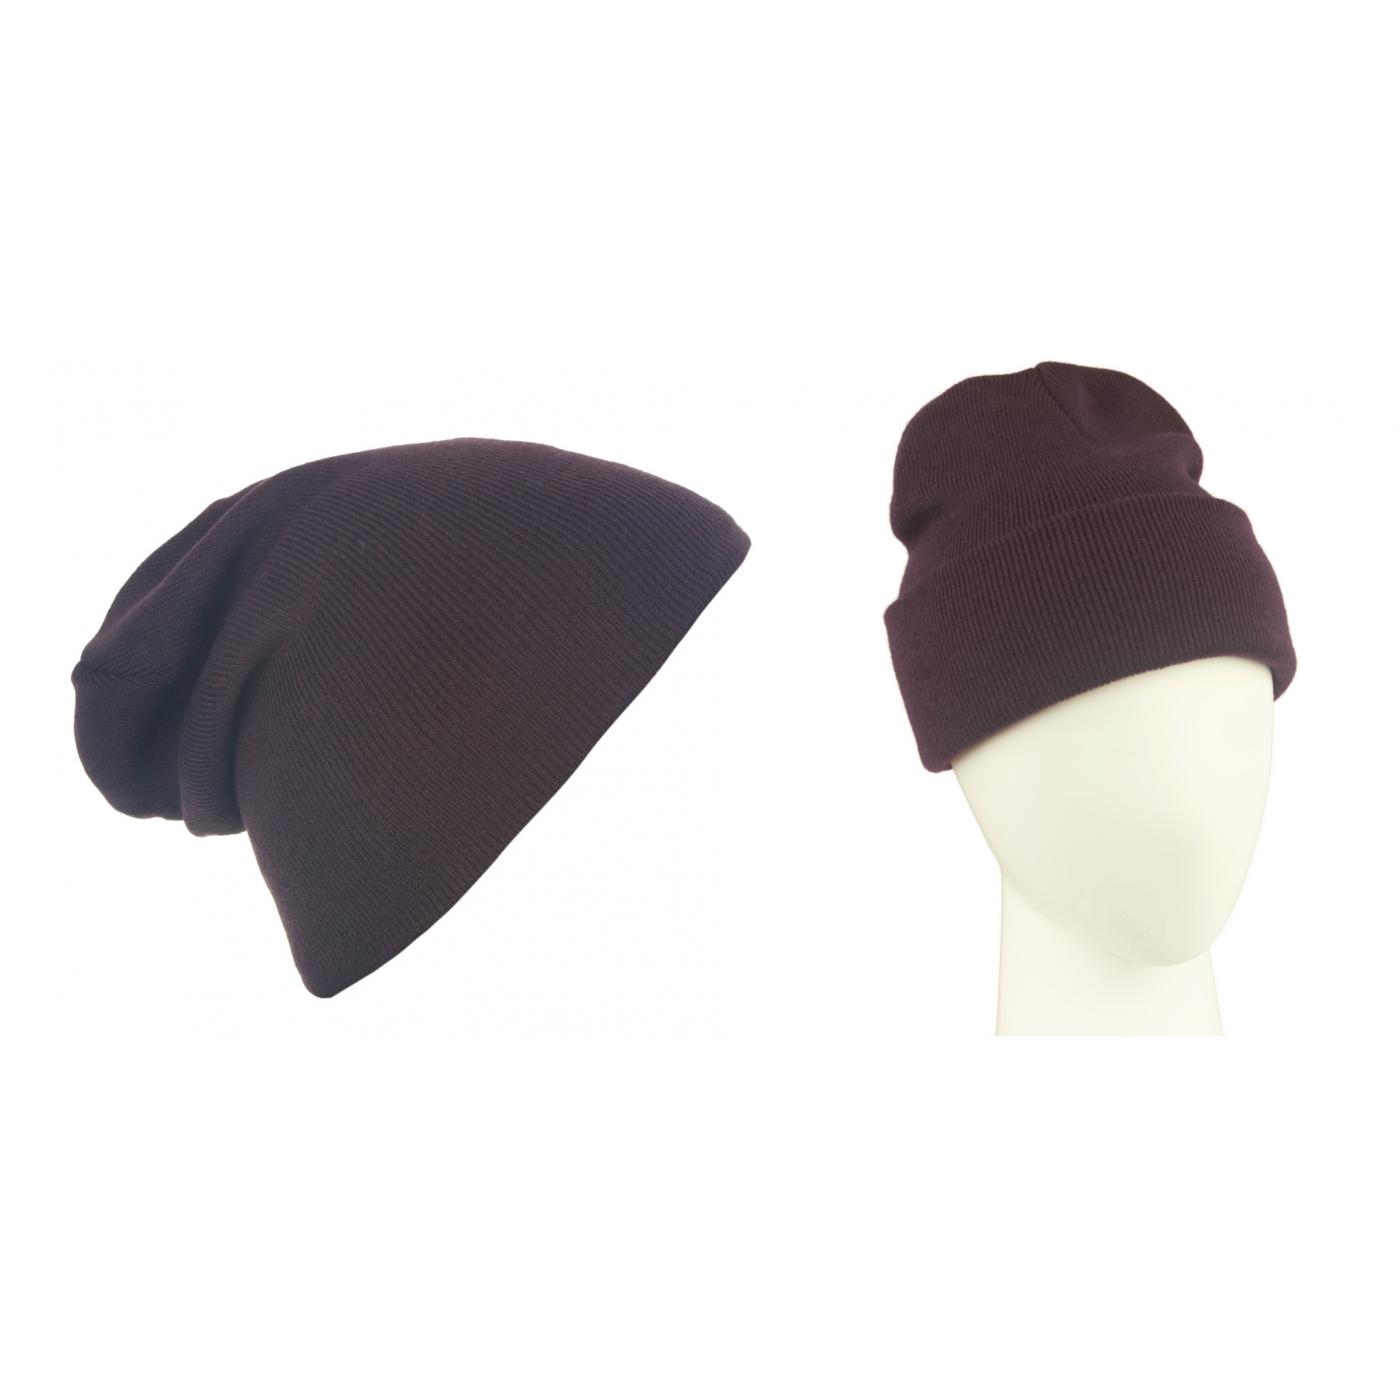 Męska czapka zimowa krasnal 3w1 - fioletowa